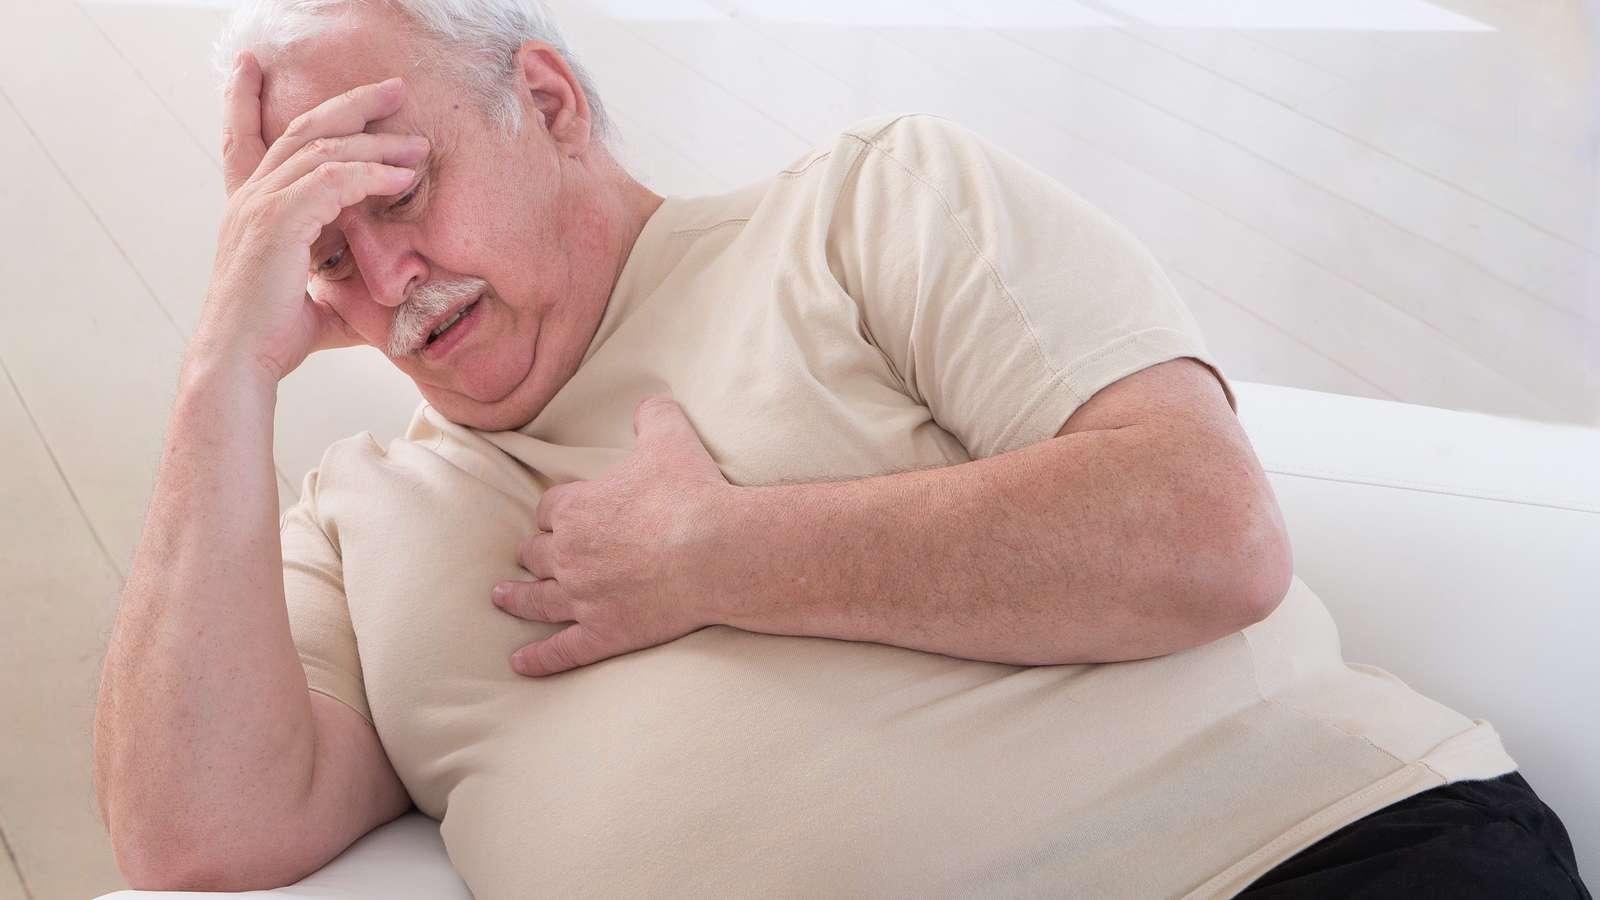 Сердечно-сосудистые болезни усиливаются от «внутреннего» жира